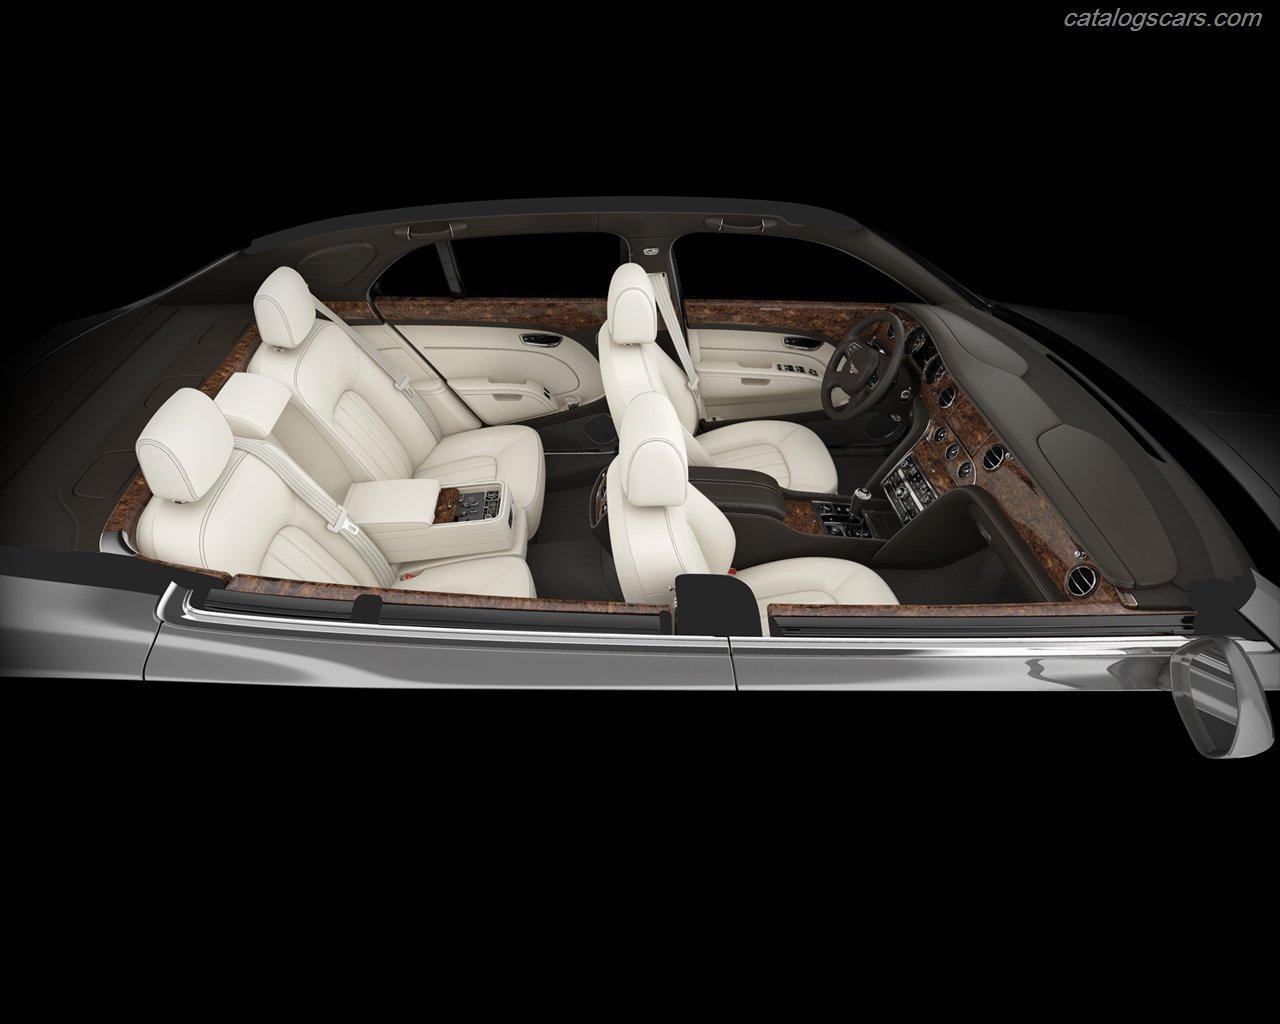 صور سيارة بنتلى مولسان 2014 - اجمل خلفيات صور عربية بنتلى مولسان 2014 - Bentley Mulsanne Photos Bentley-Mulsanne-2011-18.jpg